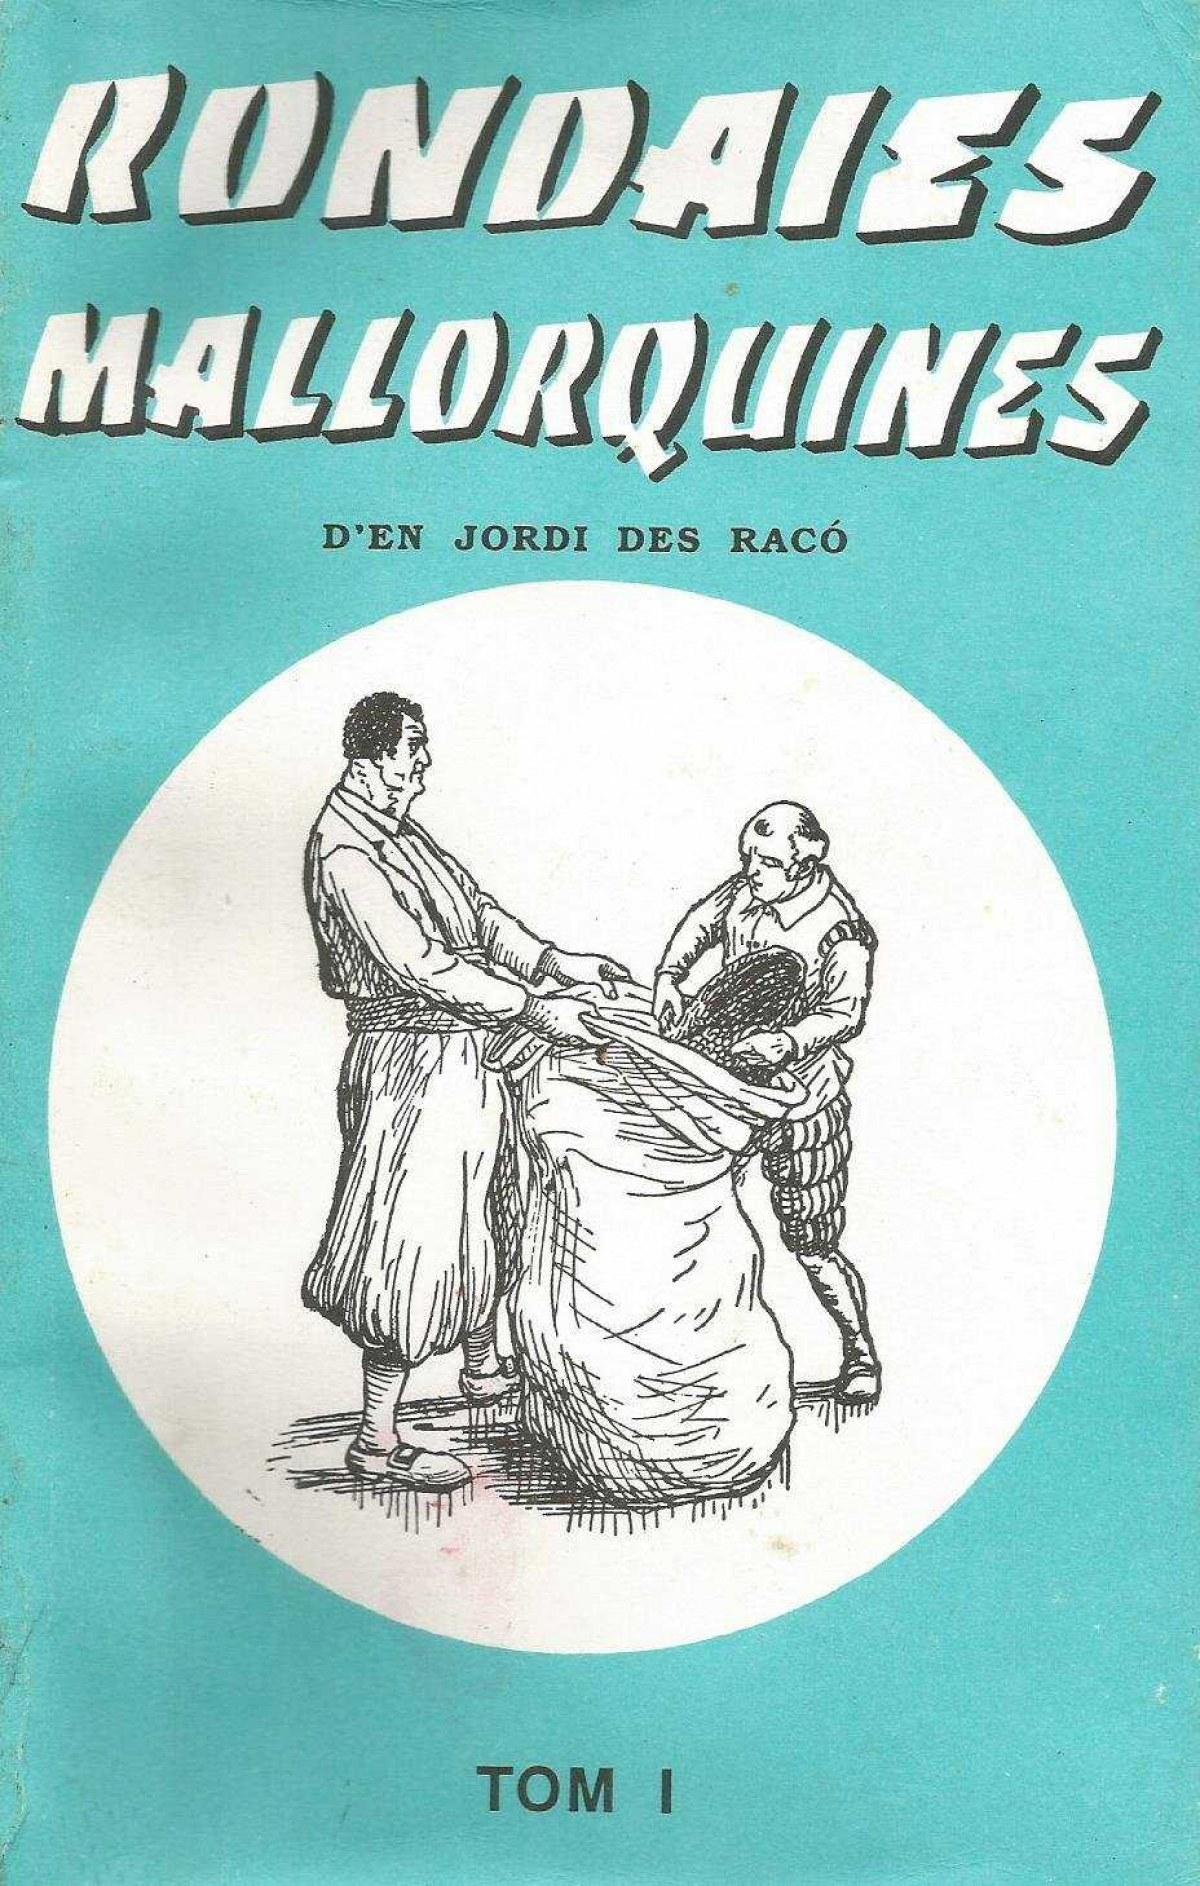 RONDAIES MALLORQUINES VOL.1 9788427305915